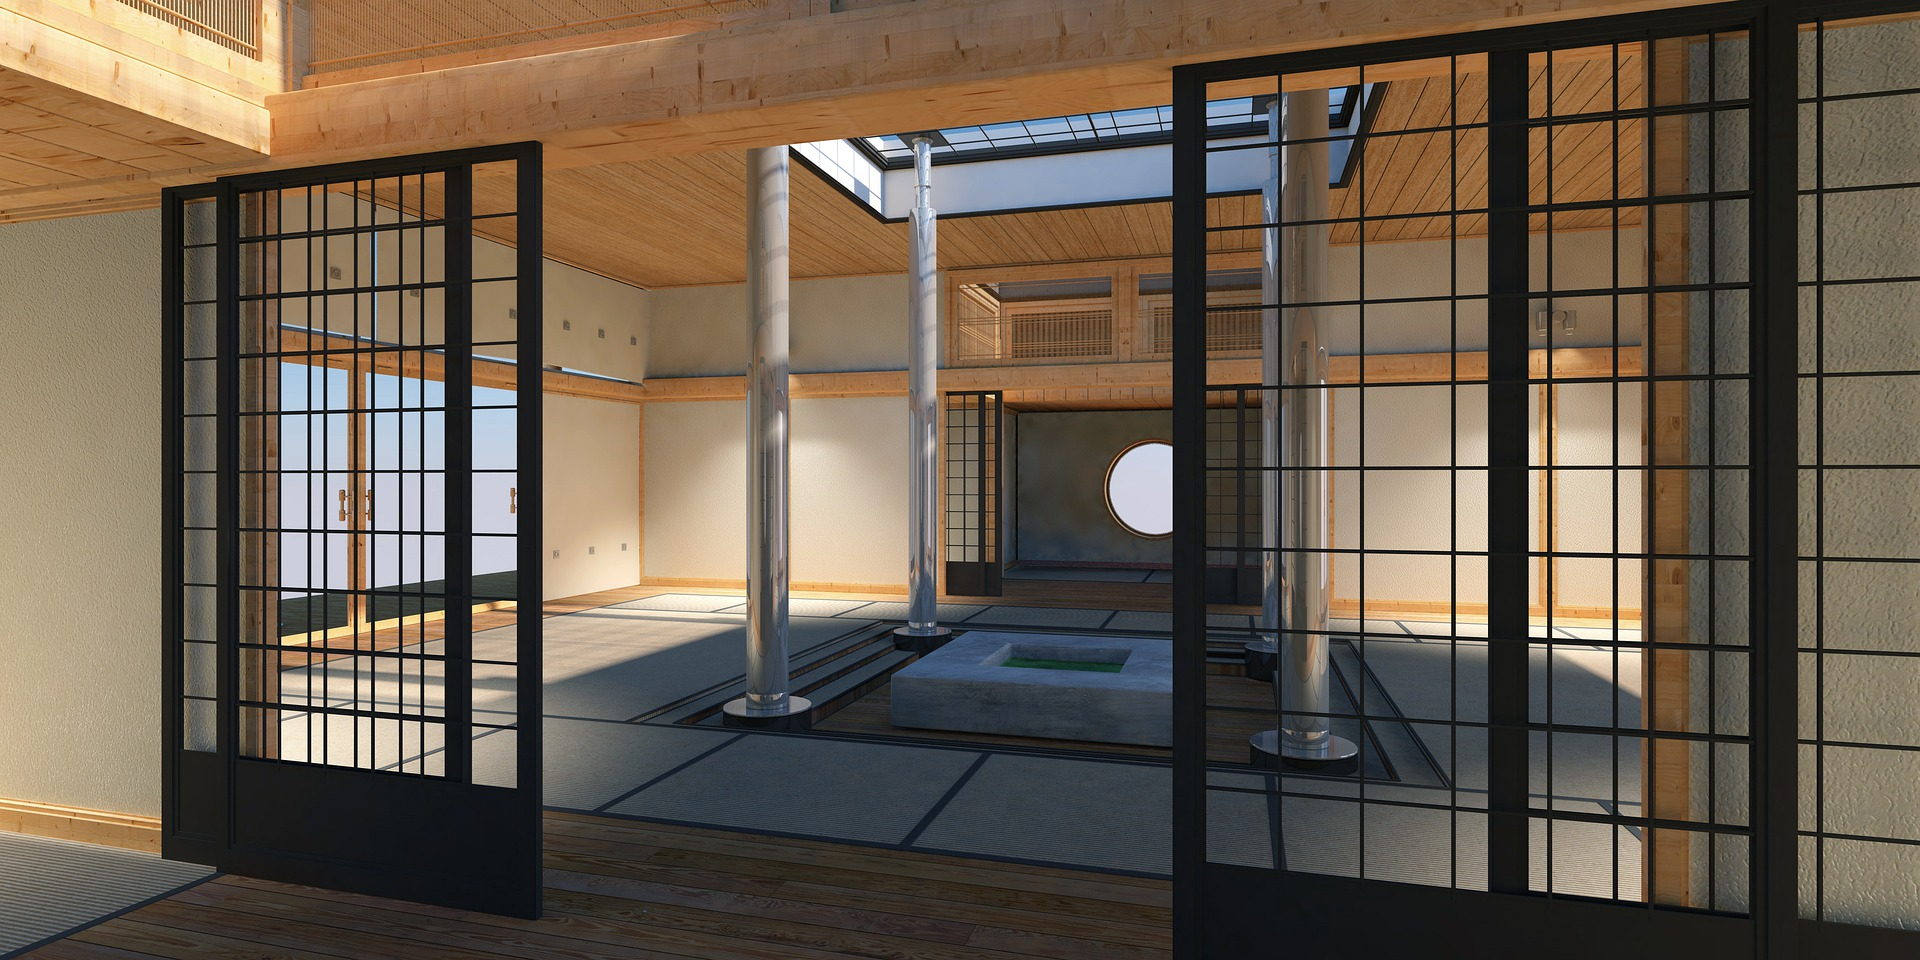 Des idées de séparations pour optimiser l'espace dans votre maison